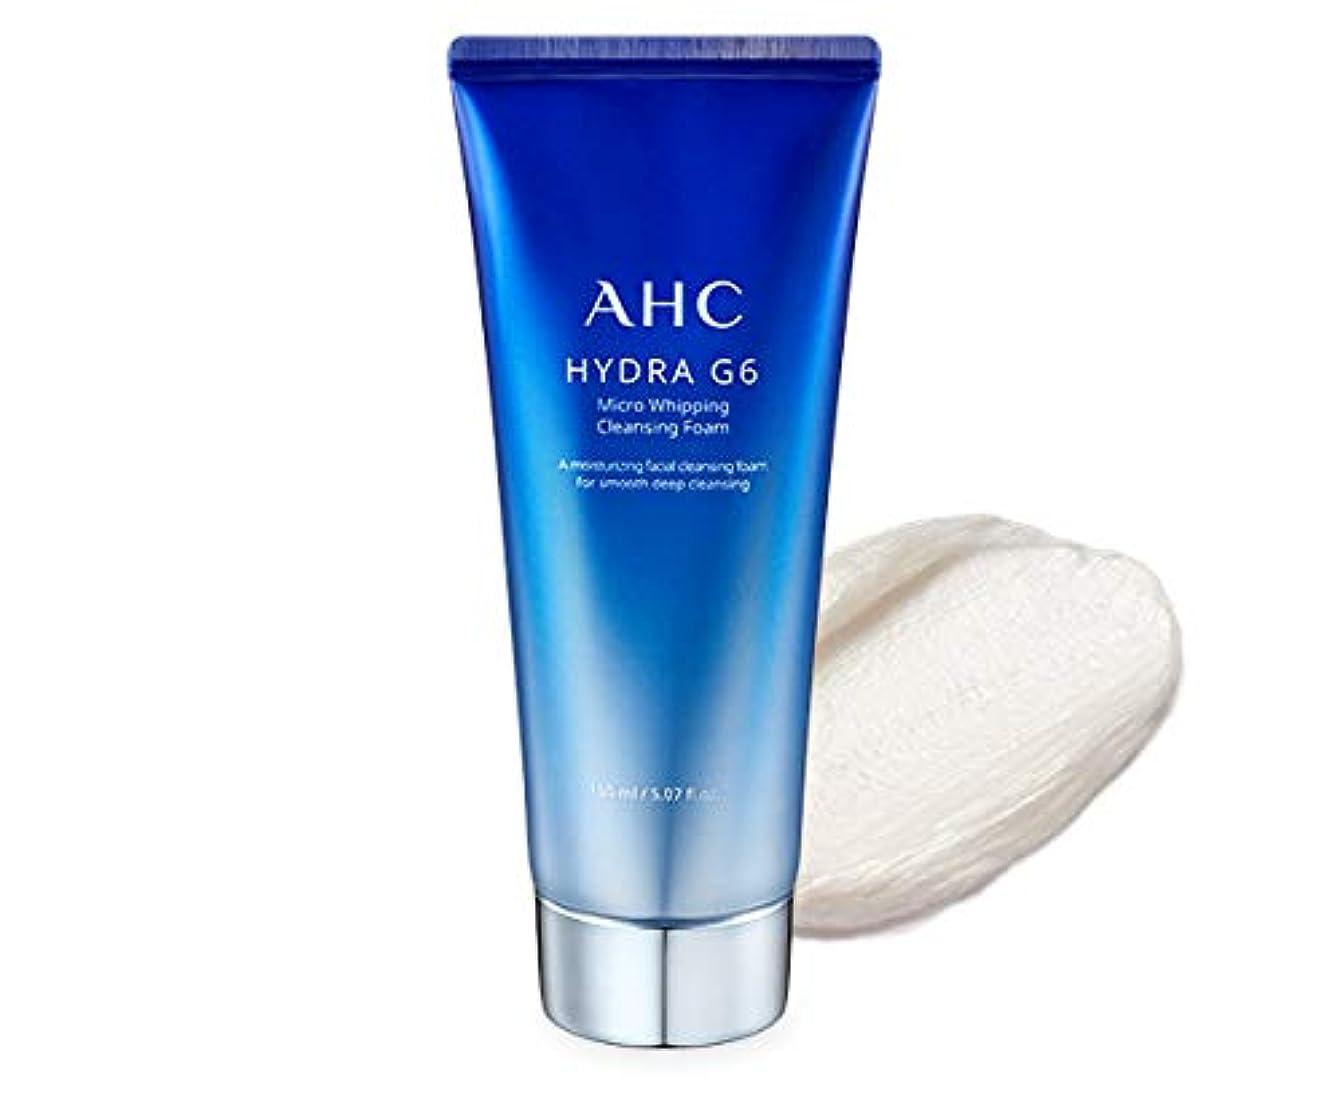 背骨サークル非常に怒っていますAHC ヒドラ G6 マイクロホイップクレンジングフォーム 150ml / Hydra G6 Micro Whipping Cleansing Foam 150ml